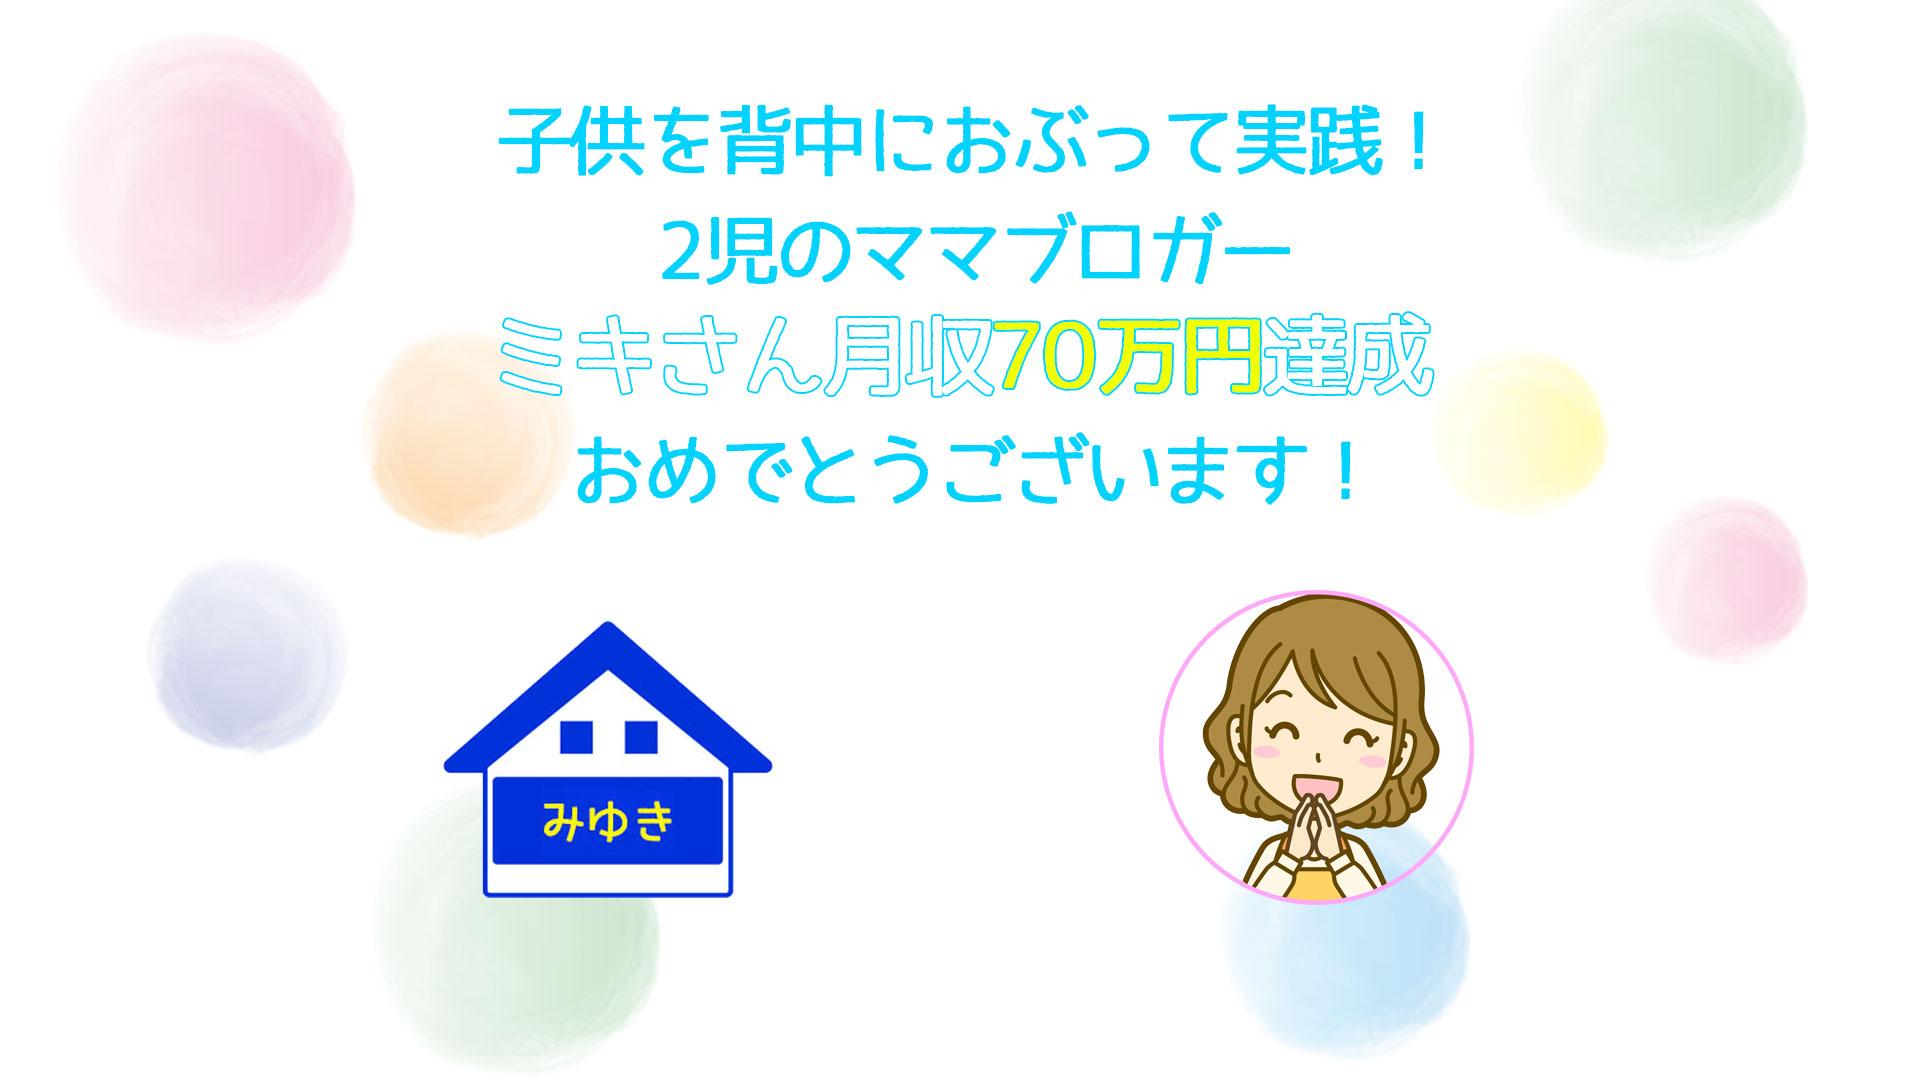 コンサル生のミキさんが月収70万円を達成されました!